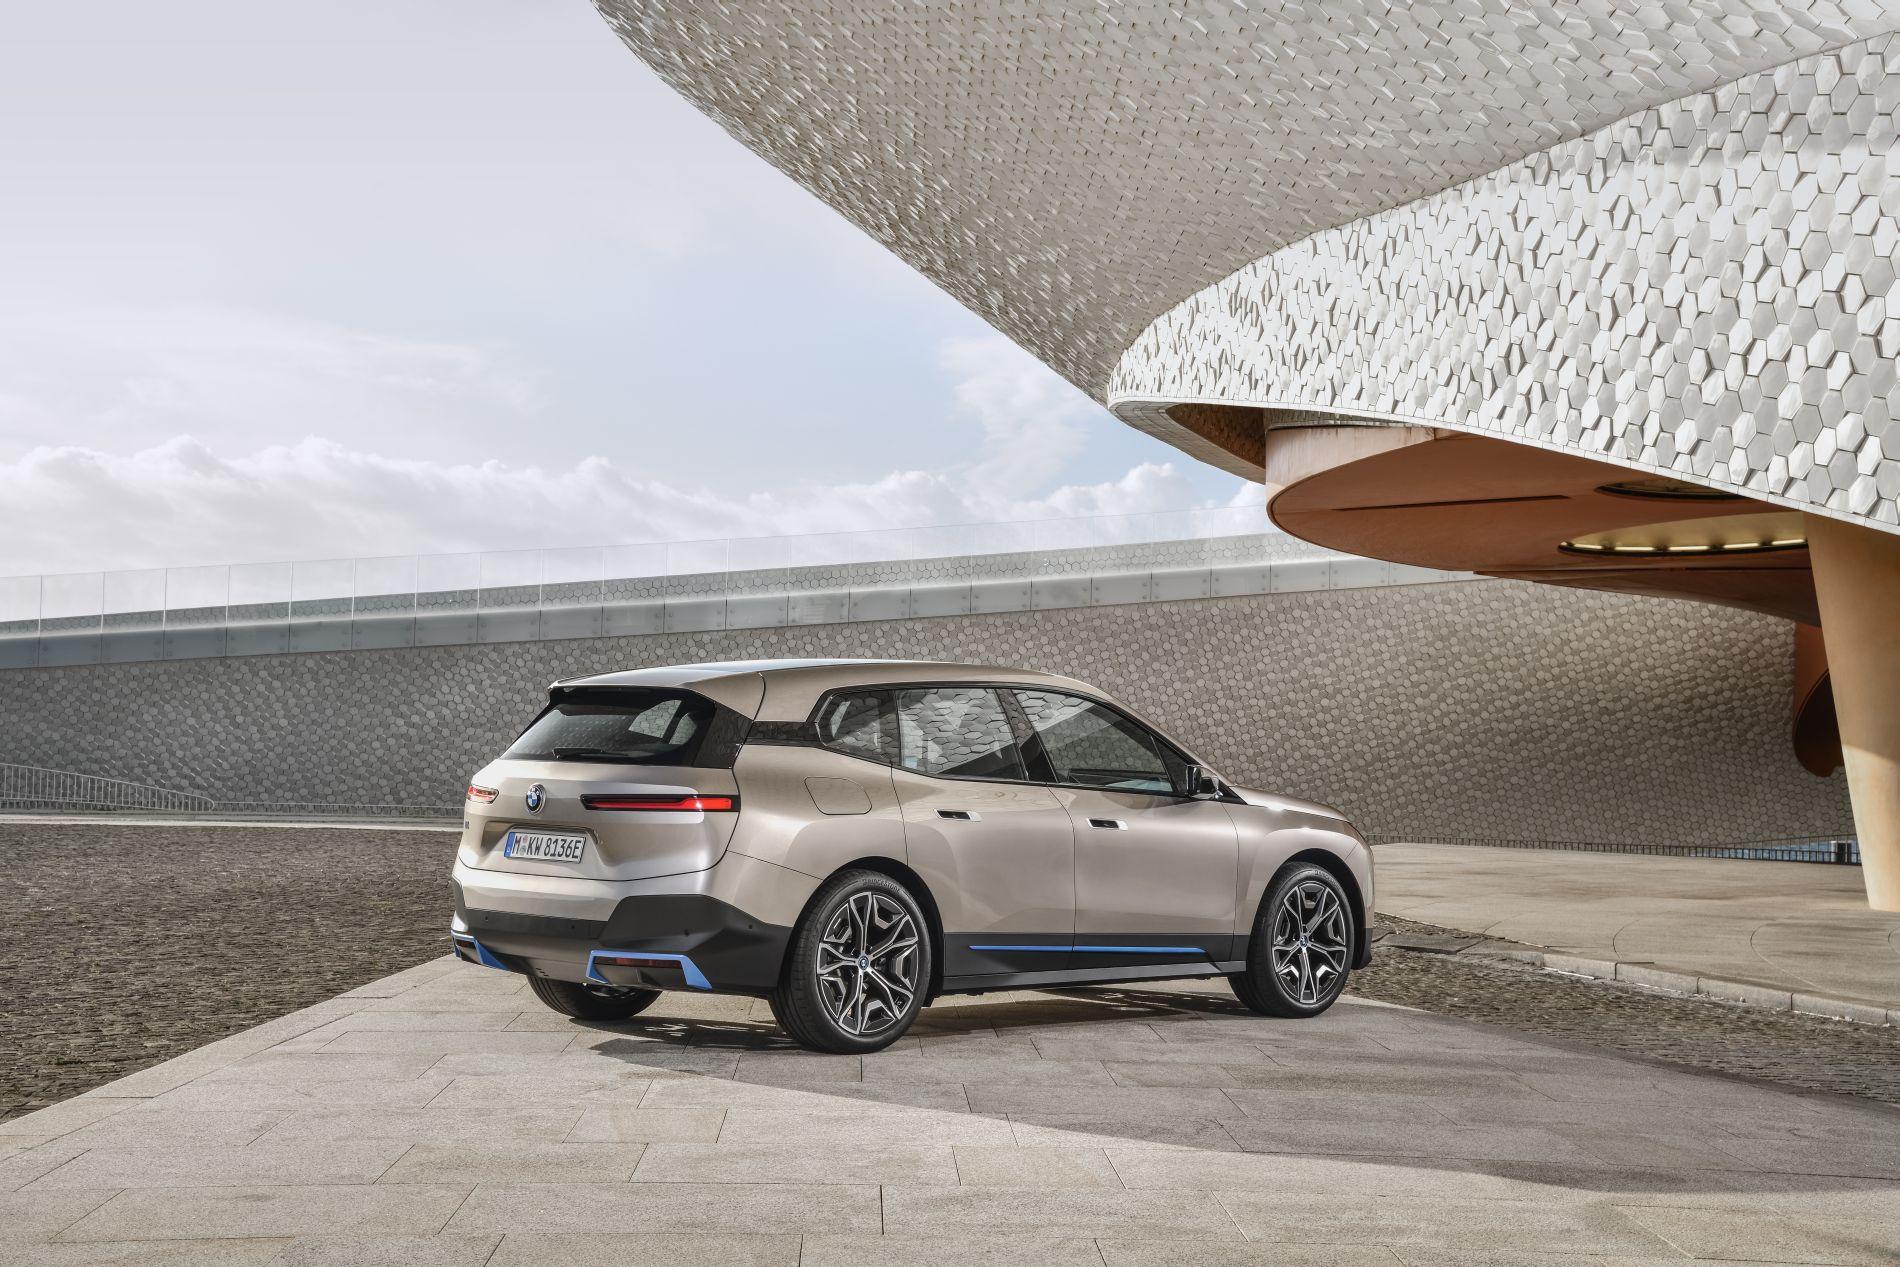 BMW a publicat primele imagini cu viitorul SUV electric iX